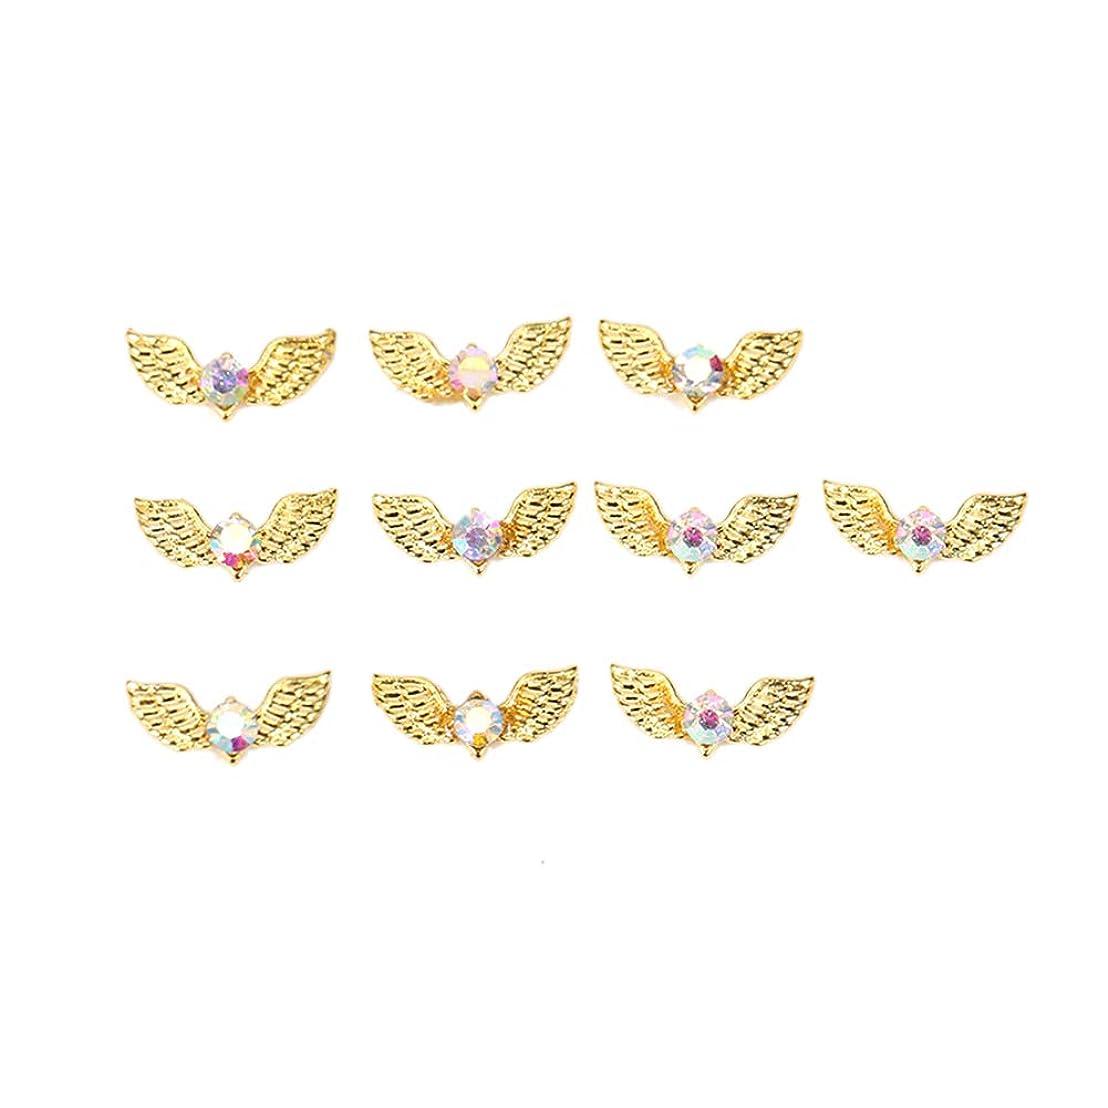 庭園季節適合ネイルパーツ ネイルパール メタルパーツ ネイルアート 3Dネイルシール 羽パターン DIY装飾品 ネイル用装飾 10PCS Powlancejp